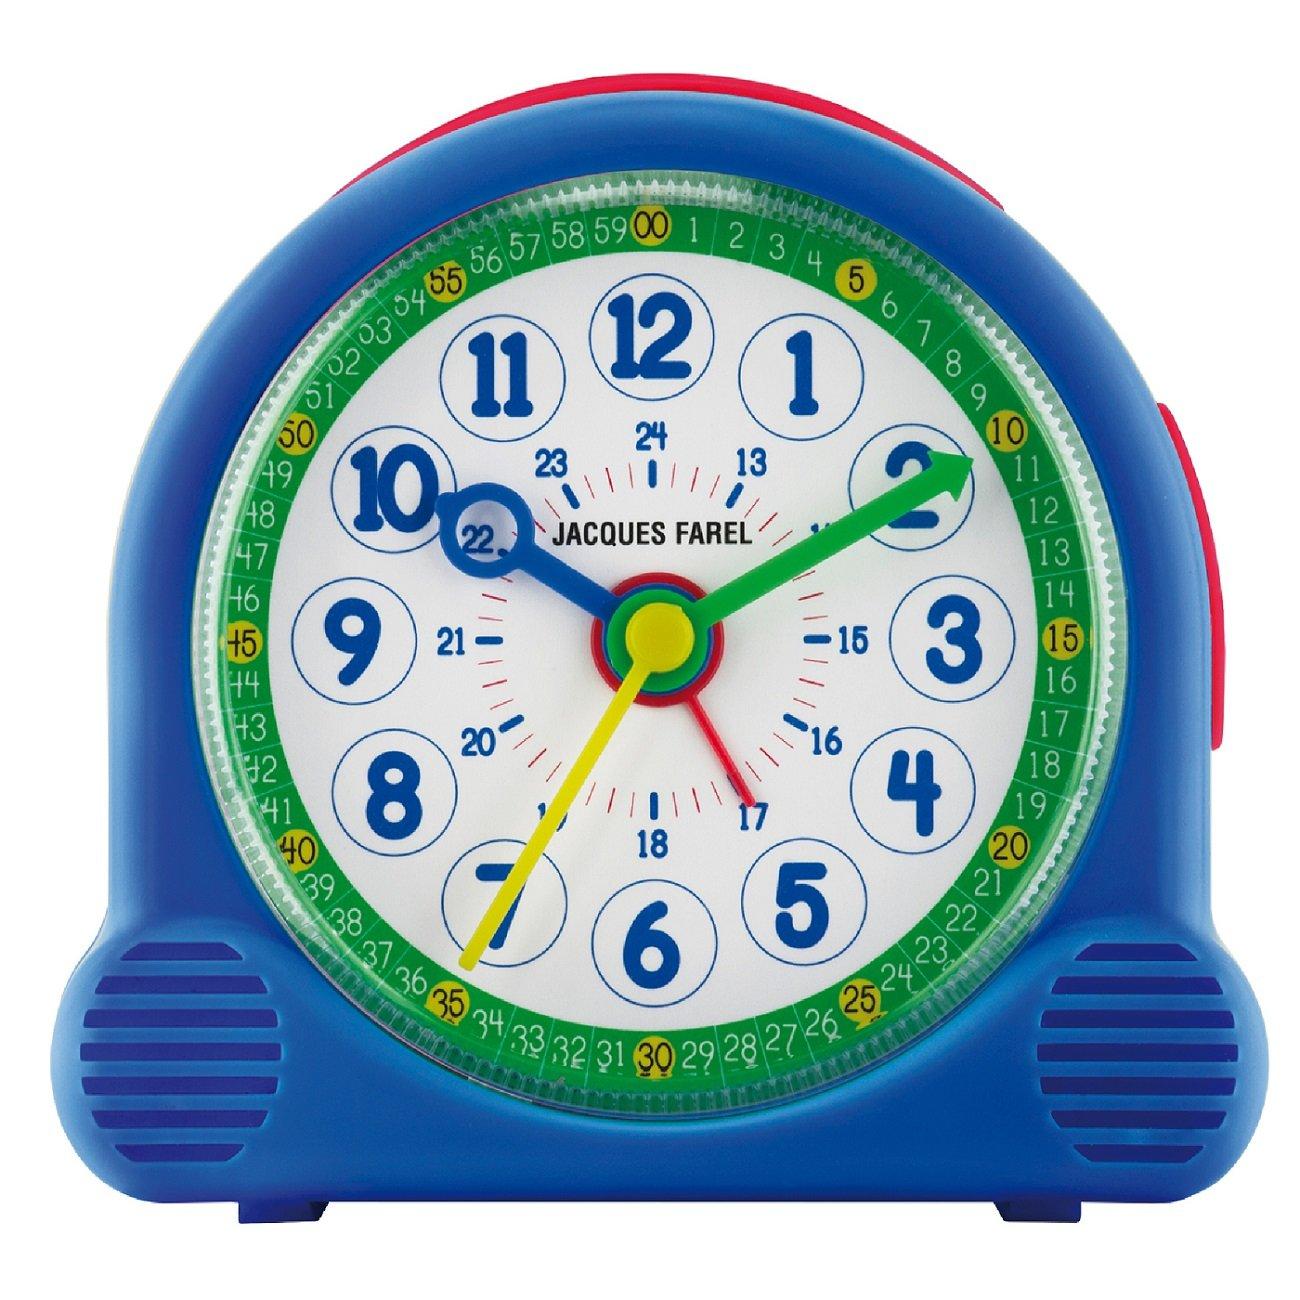 Jacques Farel Happy Learning bambini sveglia ragazzo blu senza ticchettio Snooze analogico al quarzo ACL 04